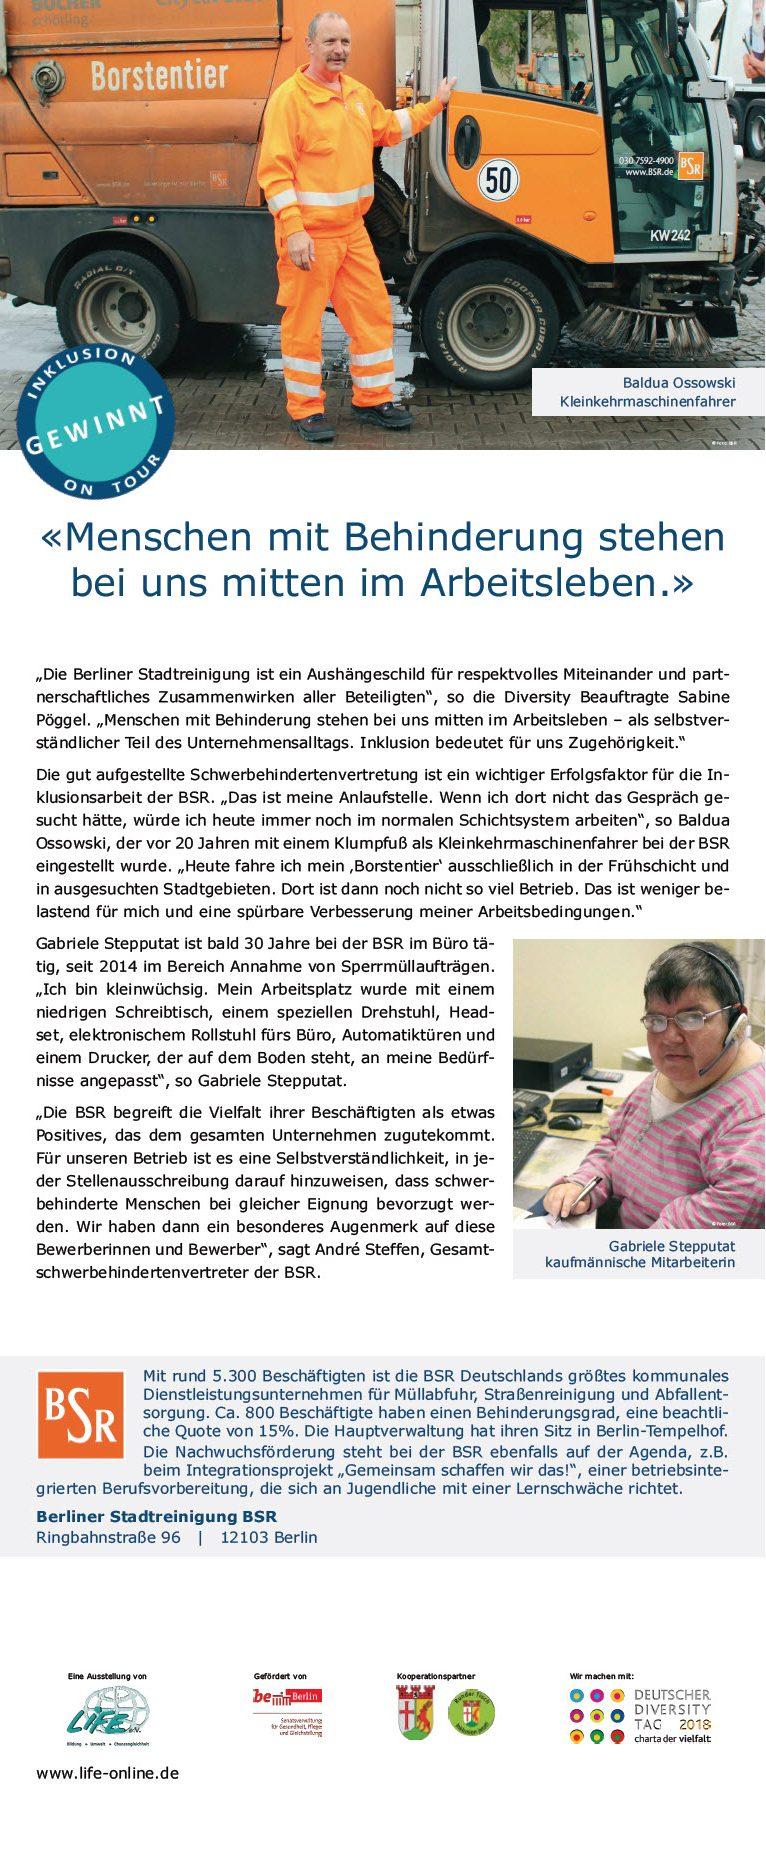 """Roll-Up Unternehmensportrait Berliner Stadtreinigung BSR, Wanderausstellung """"Inklusion gewinnt! On Tour"""""""